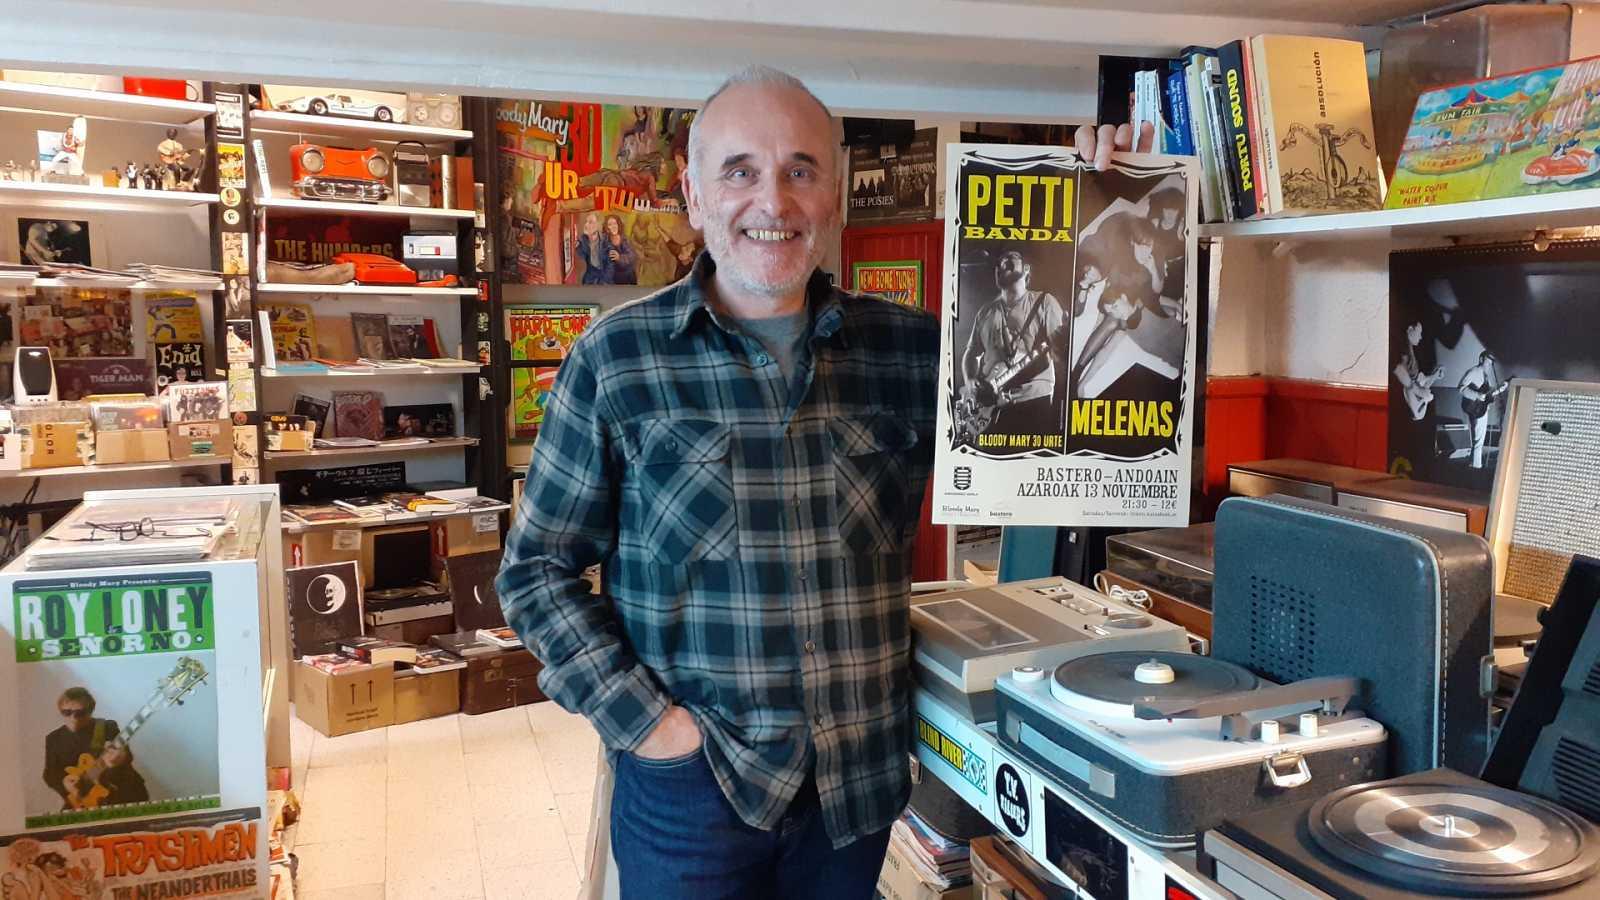 El sótano - Bloody Mary; 30 años de amor al rocknroll - 11/11/20 - escuchar ahora